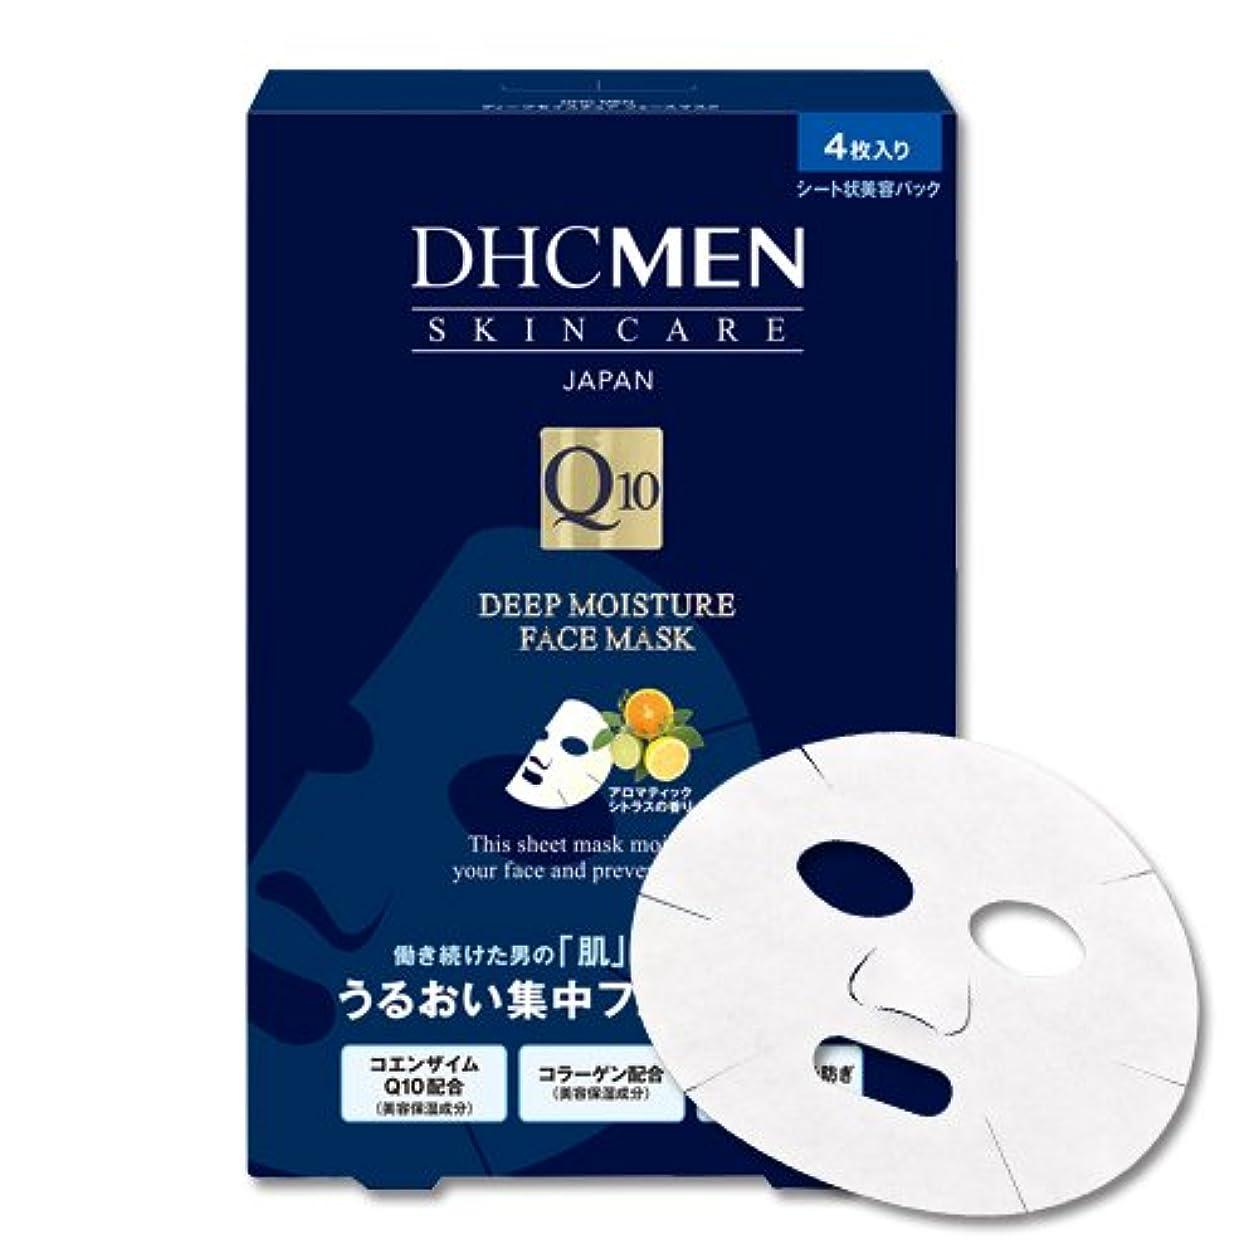 パワー対称ずらすDHC MEN ディープモイスチュア フェースマスク